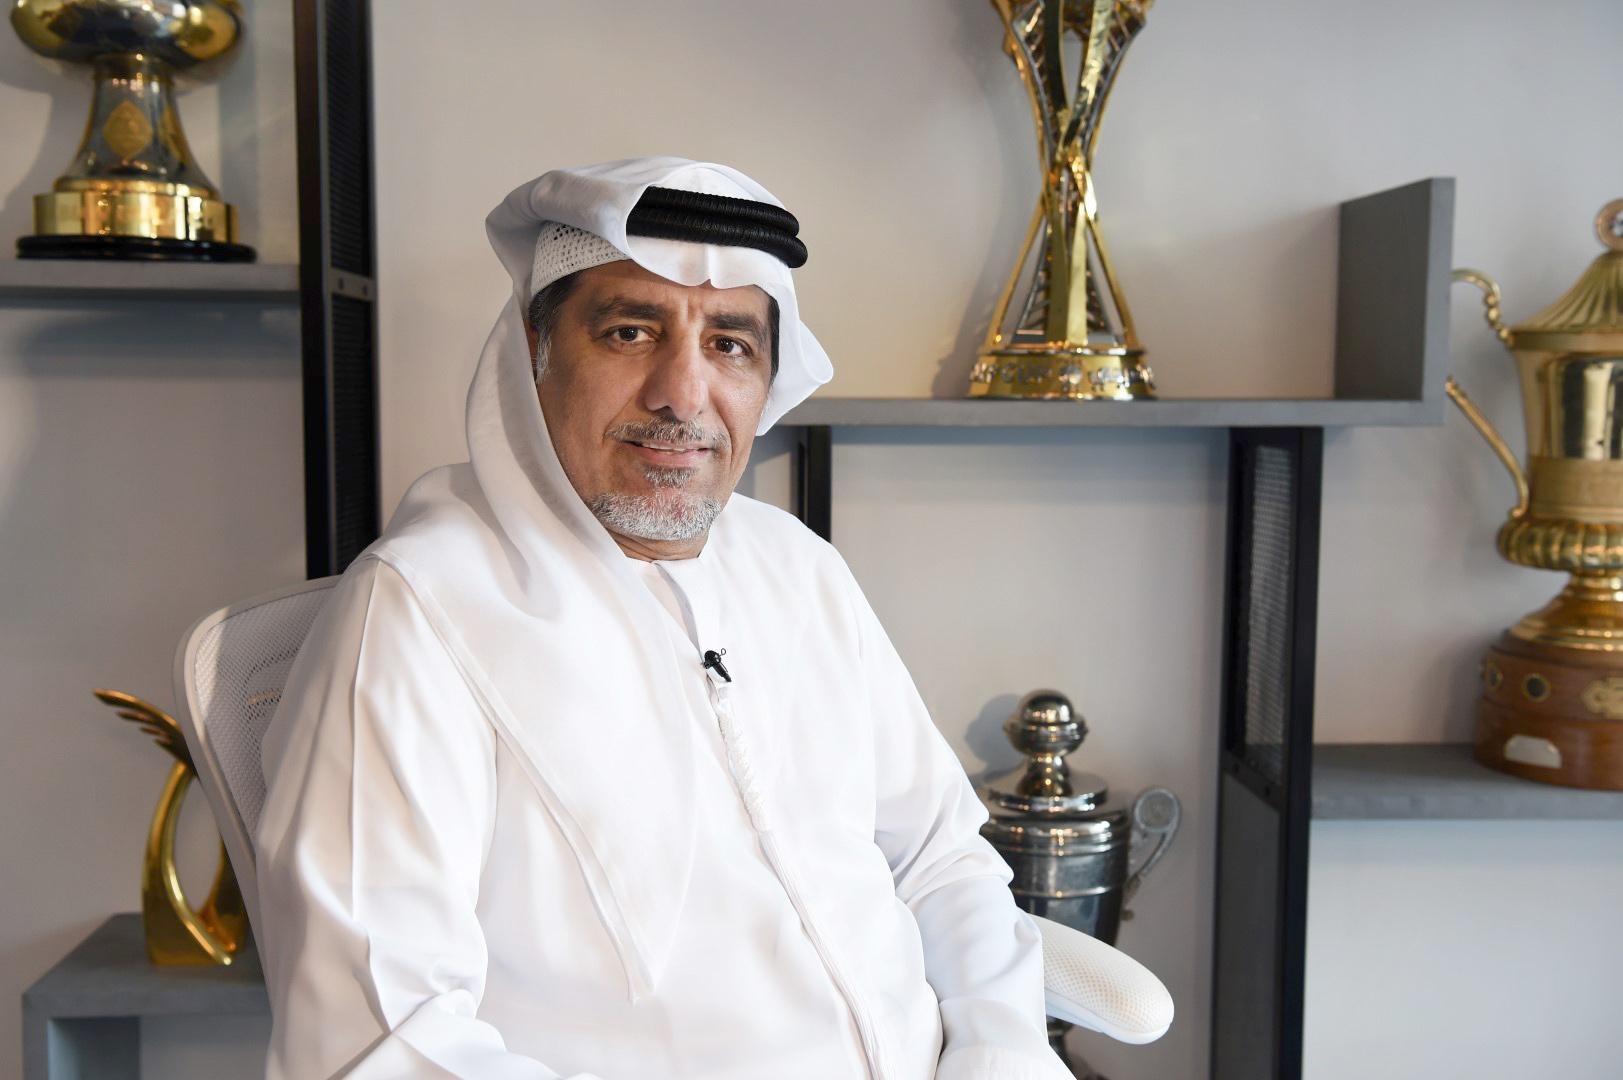 كرة القدم الإماراتية .. تأهل تاريخي للمونديال ومنشآت تبهر العالم في عام الخمسين